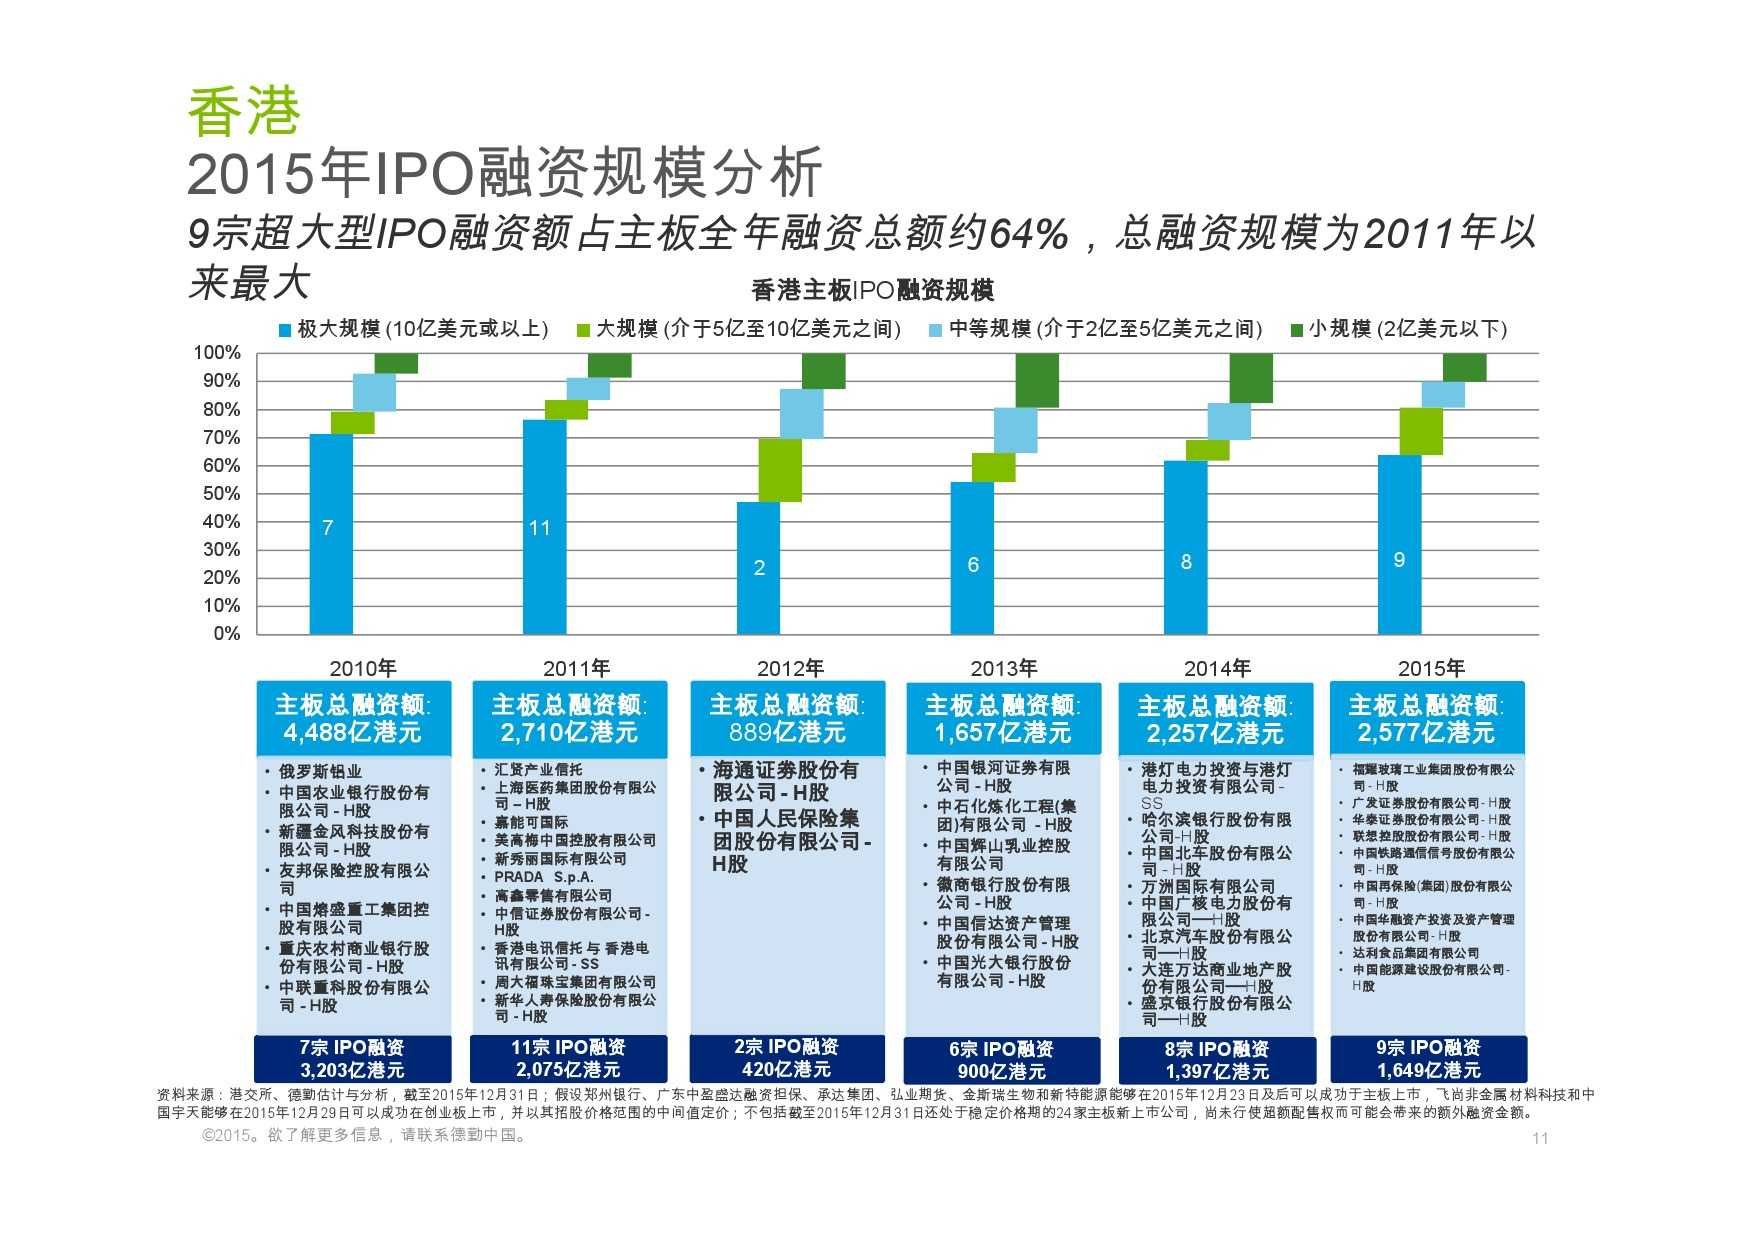 德勤:香港及中国大陆IPO巿场2015年回顾与2016年展望_000011